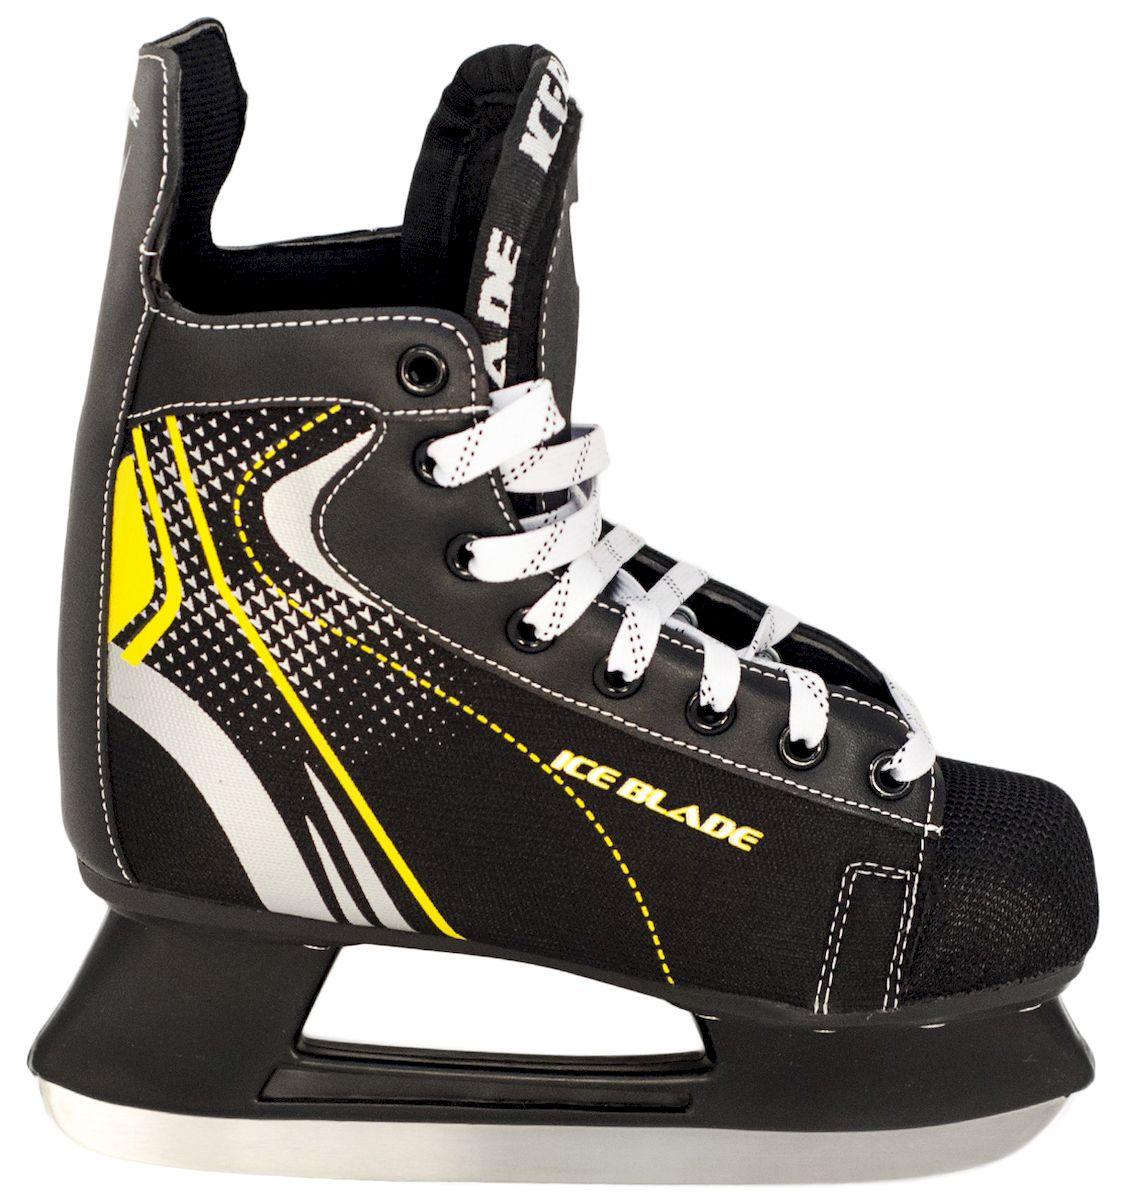 Коньки хоккейные Ice Blade Shark, цвет: черный, желтый. УТ-00006841. Размер 34